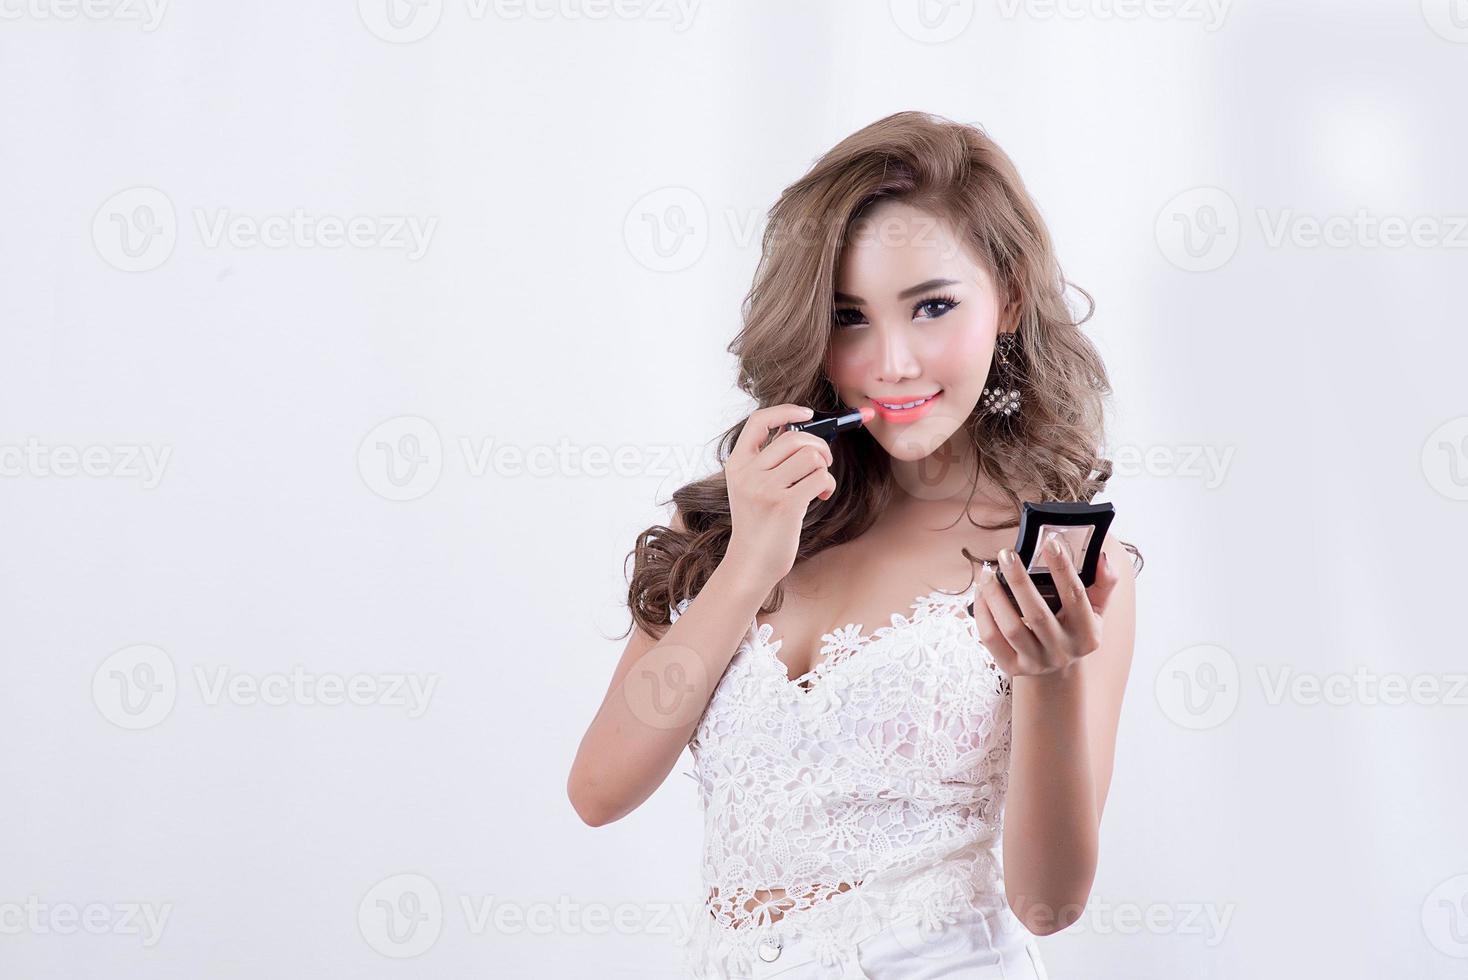 donna con rossetto foto